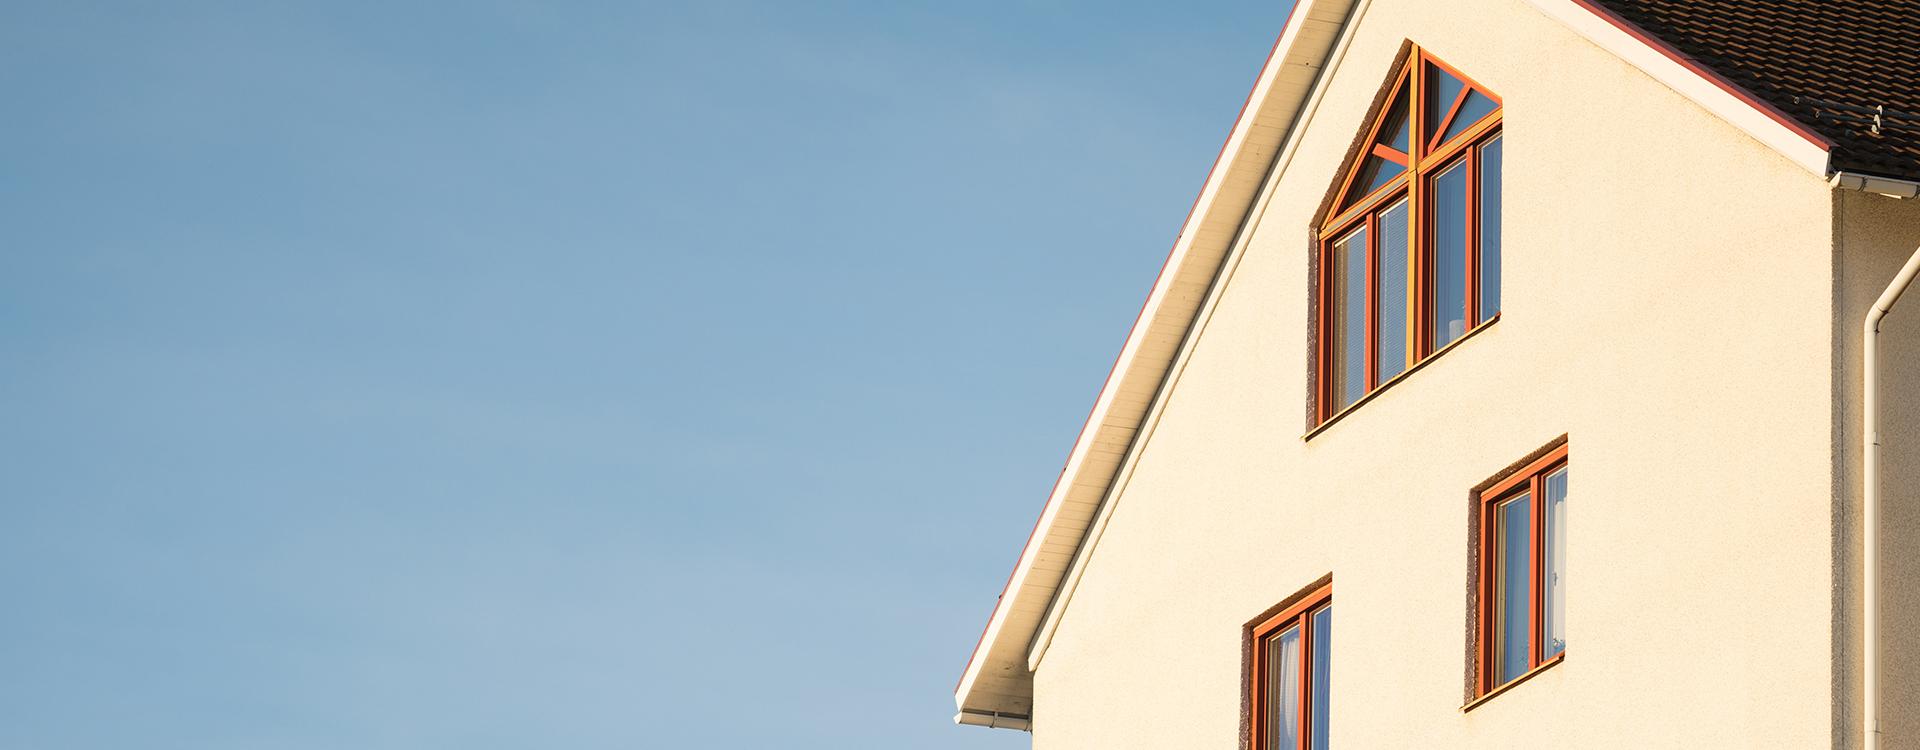 Bacchella | Costruzioni edili